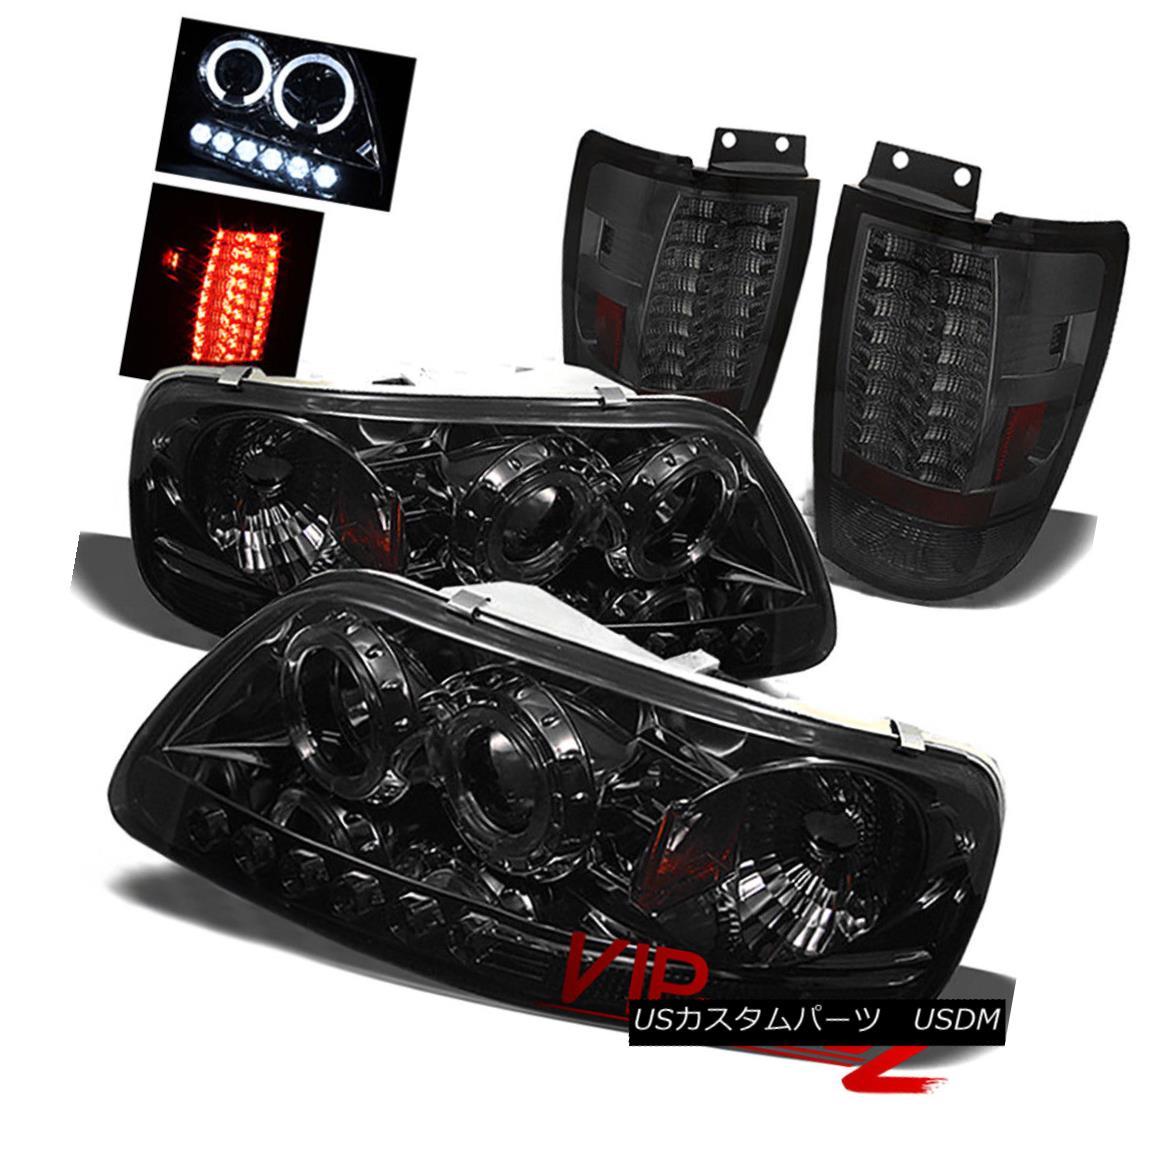 テールライト F150 1997-2004 V8 StyleSide 1PC Smoke Amber Headlight+LED Tail Light Brake Lamp F150 1997-2004 V8 StyleSide 1PCスモークアンバーヘッドライト+ LEDテールライトブレーキランプ